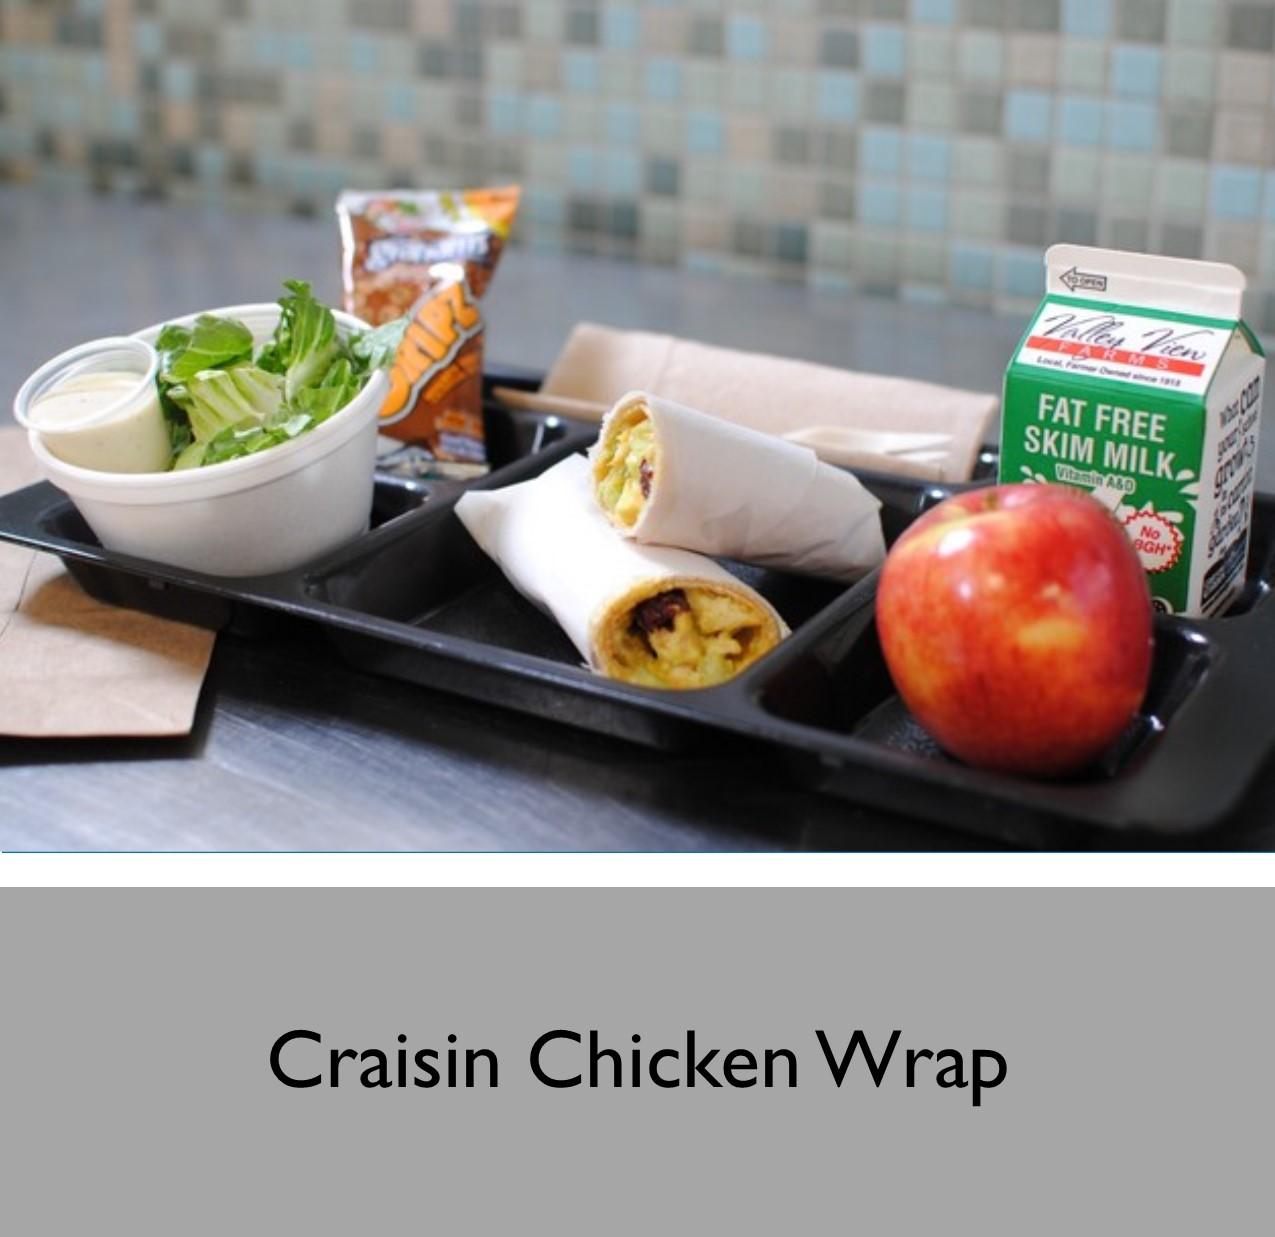 Craisin Chicken Wrap